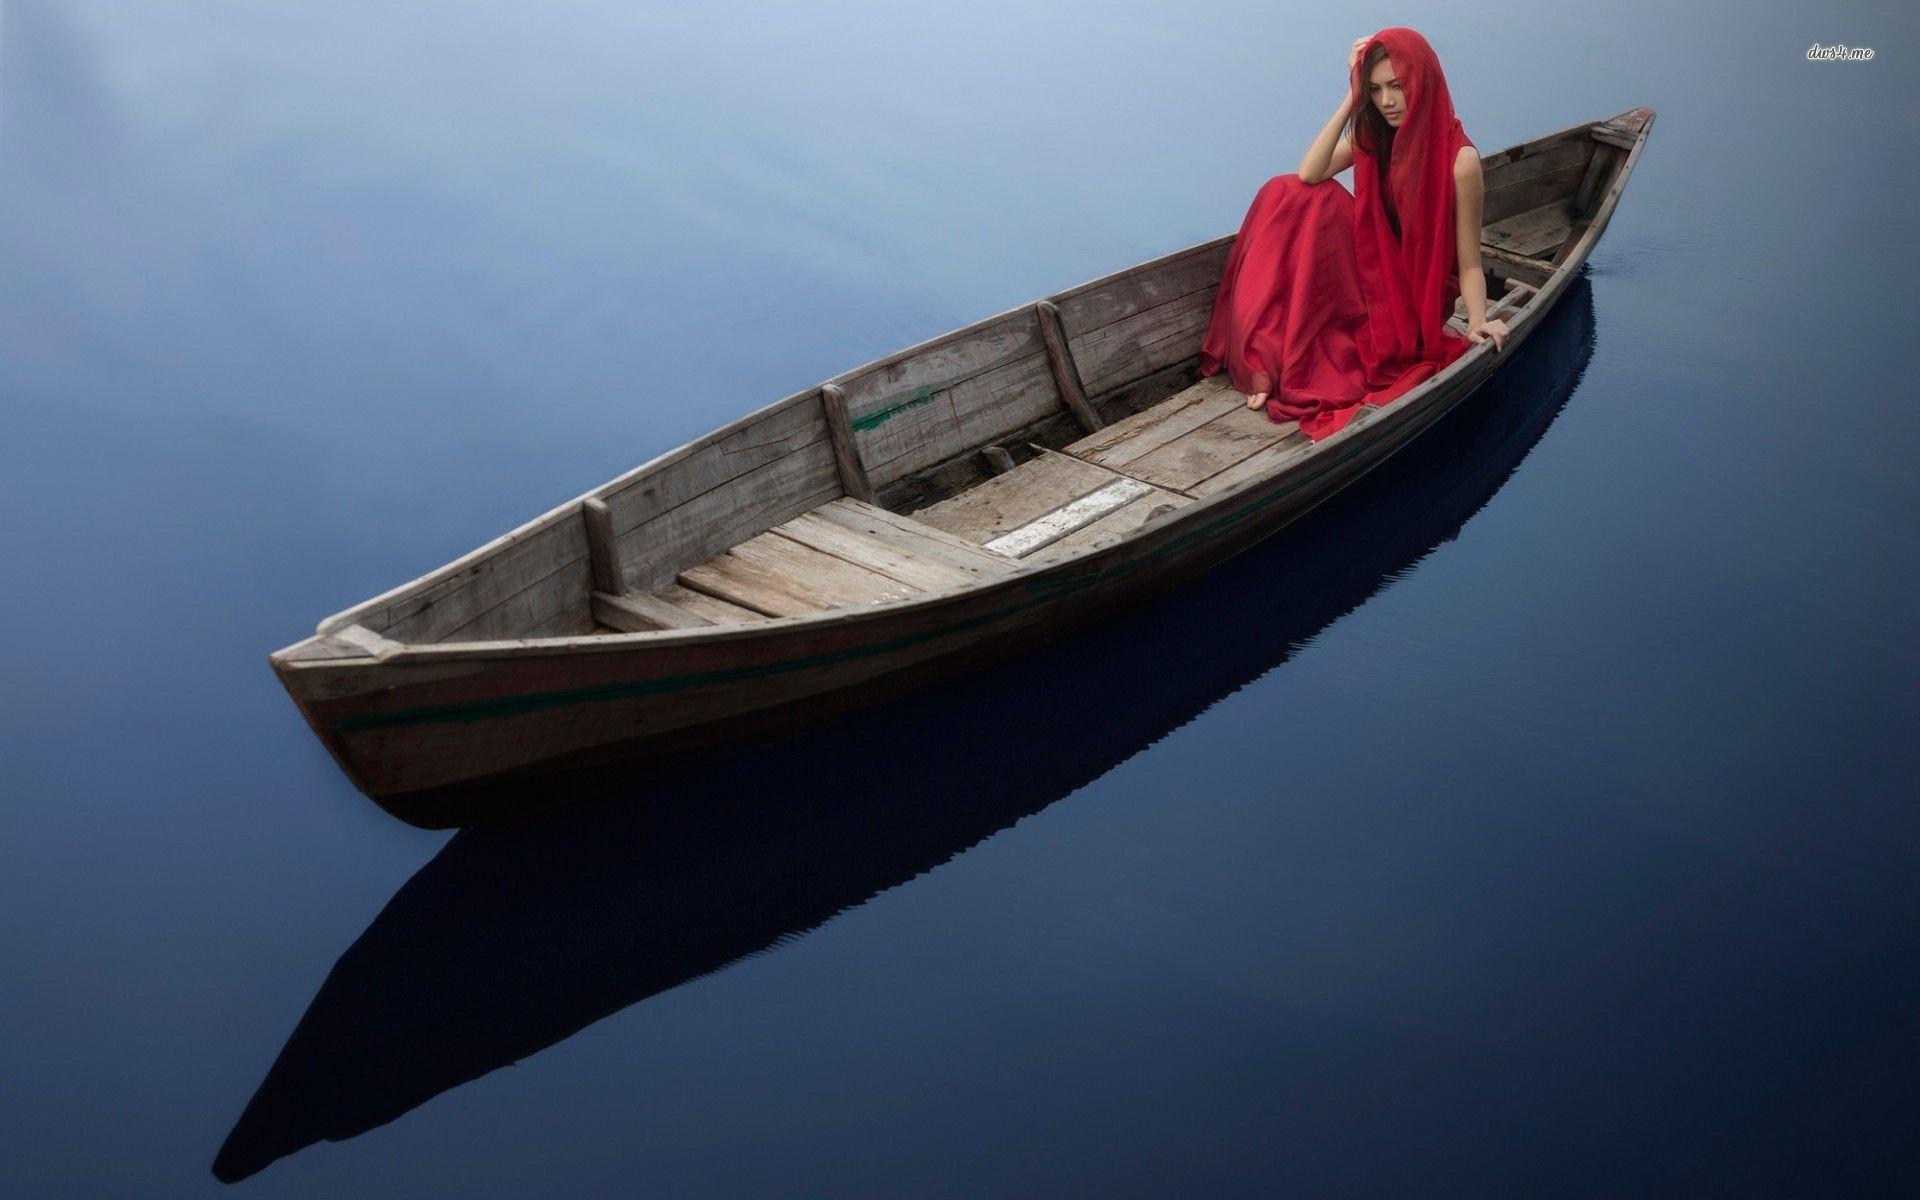 woman-dress-boat-water.jpg